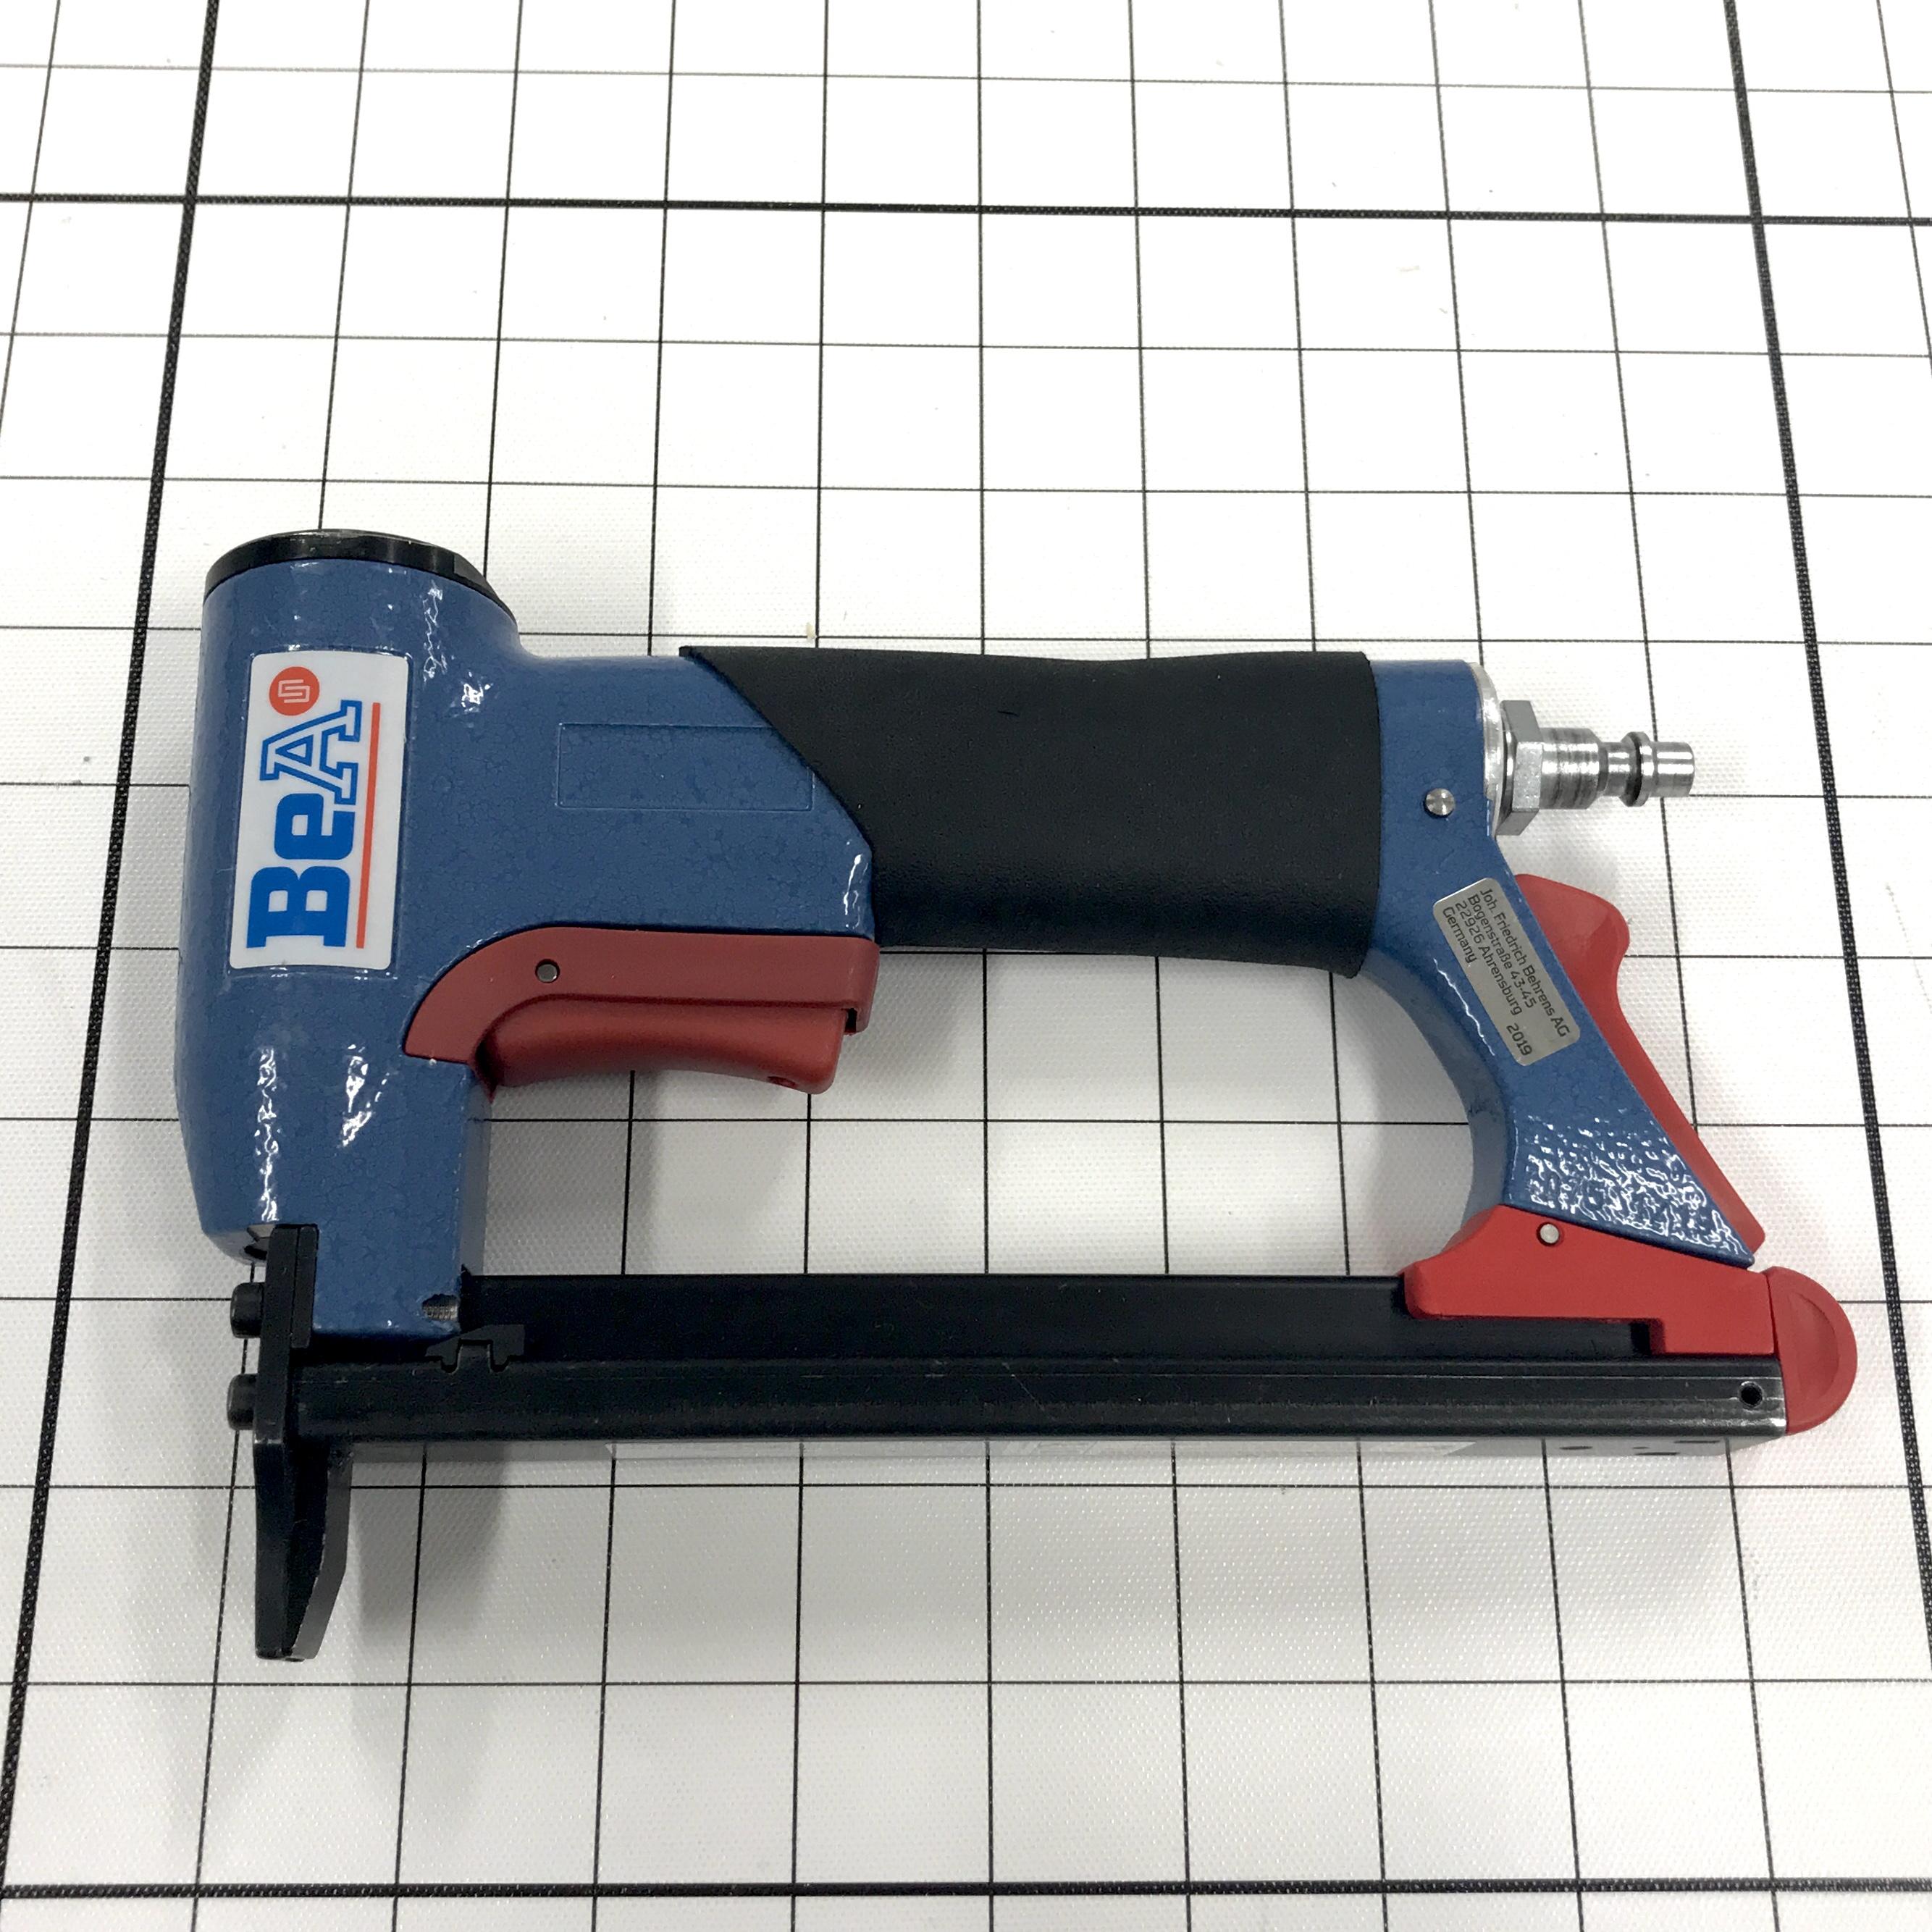 BEA 17 Series Pneumatic Staple Gun - Standard Nose